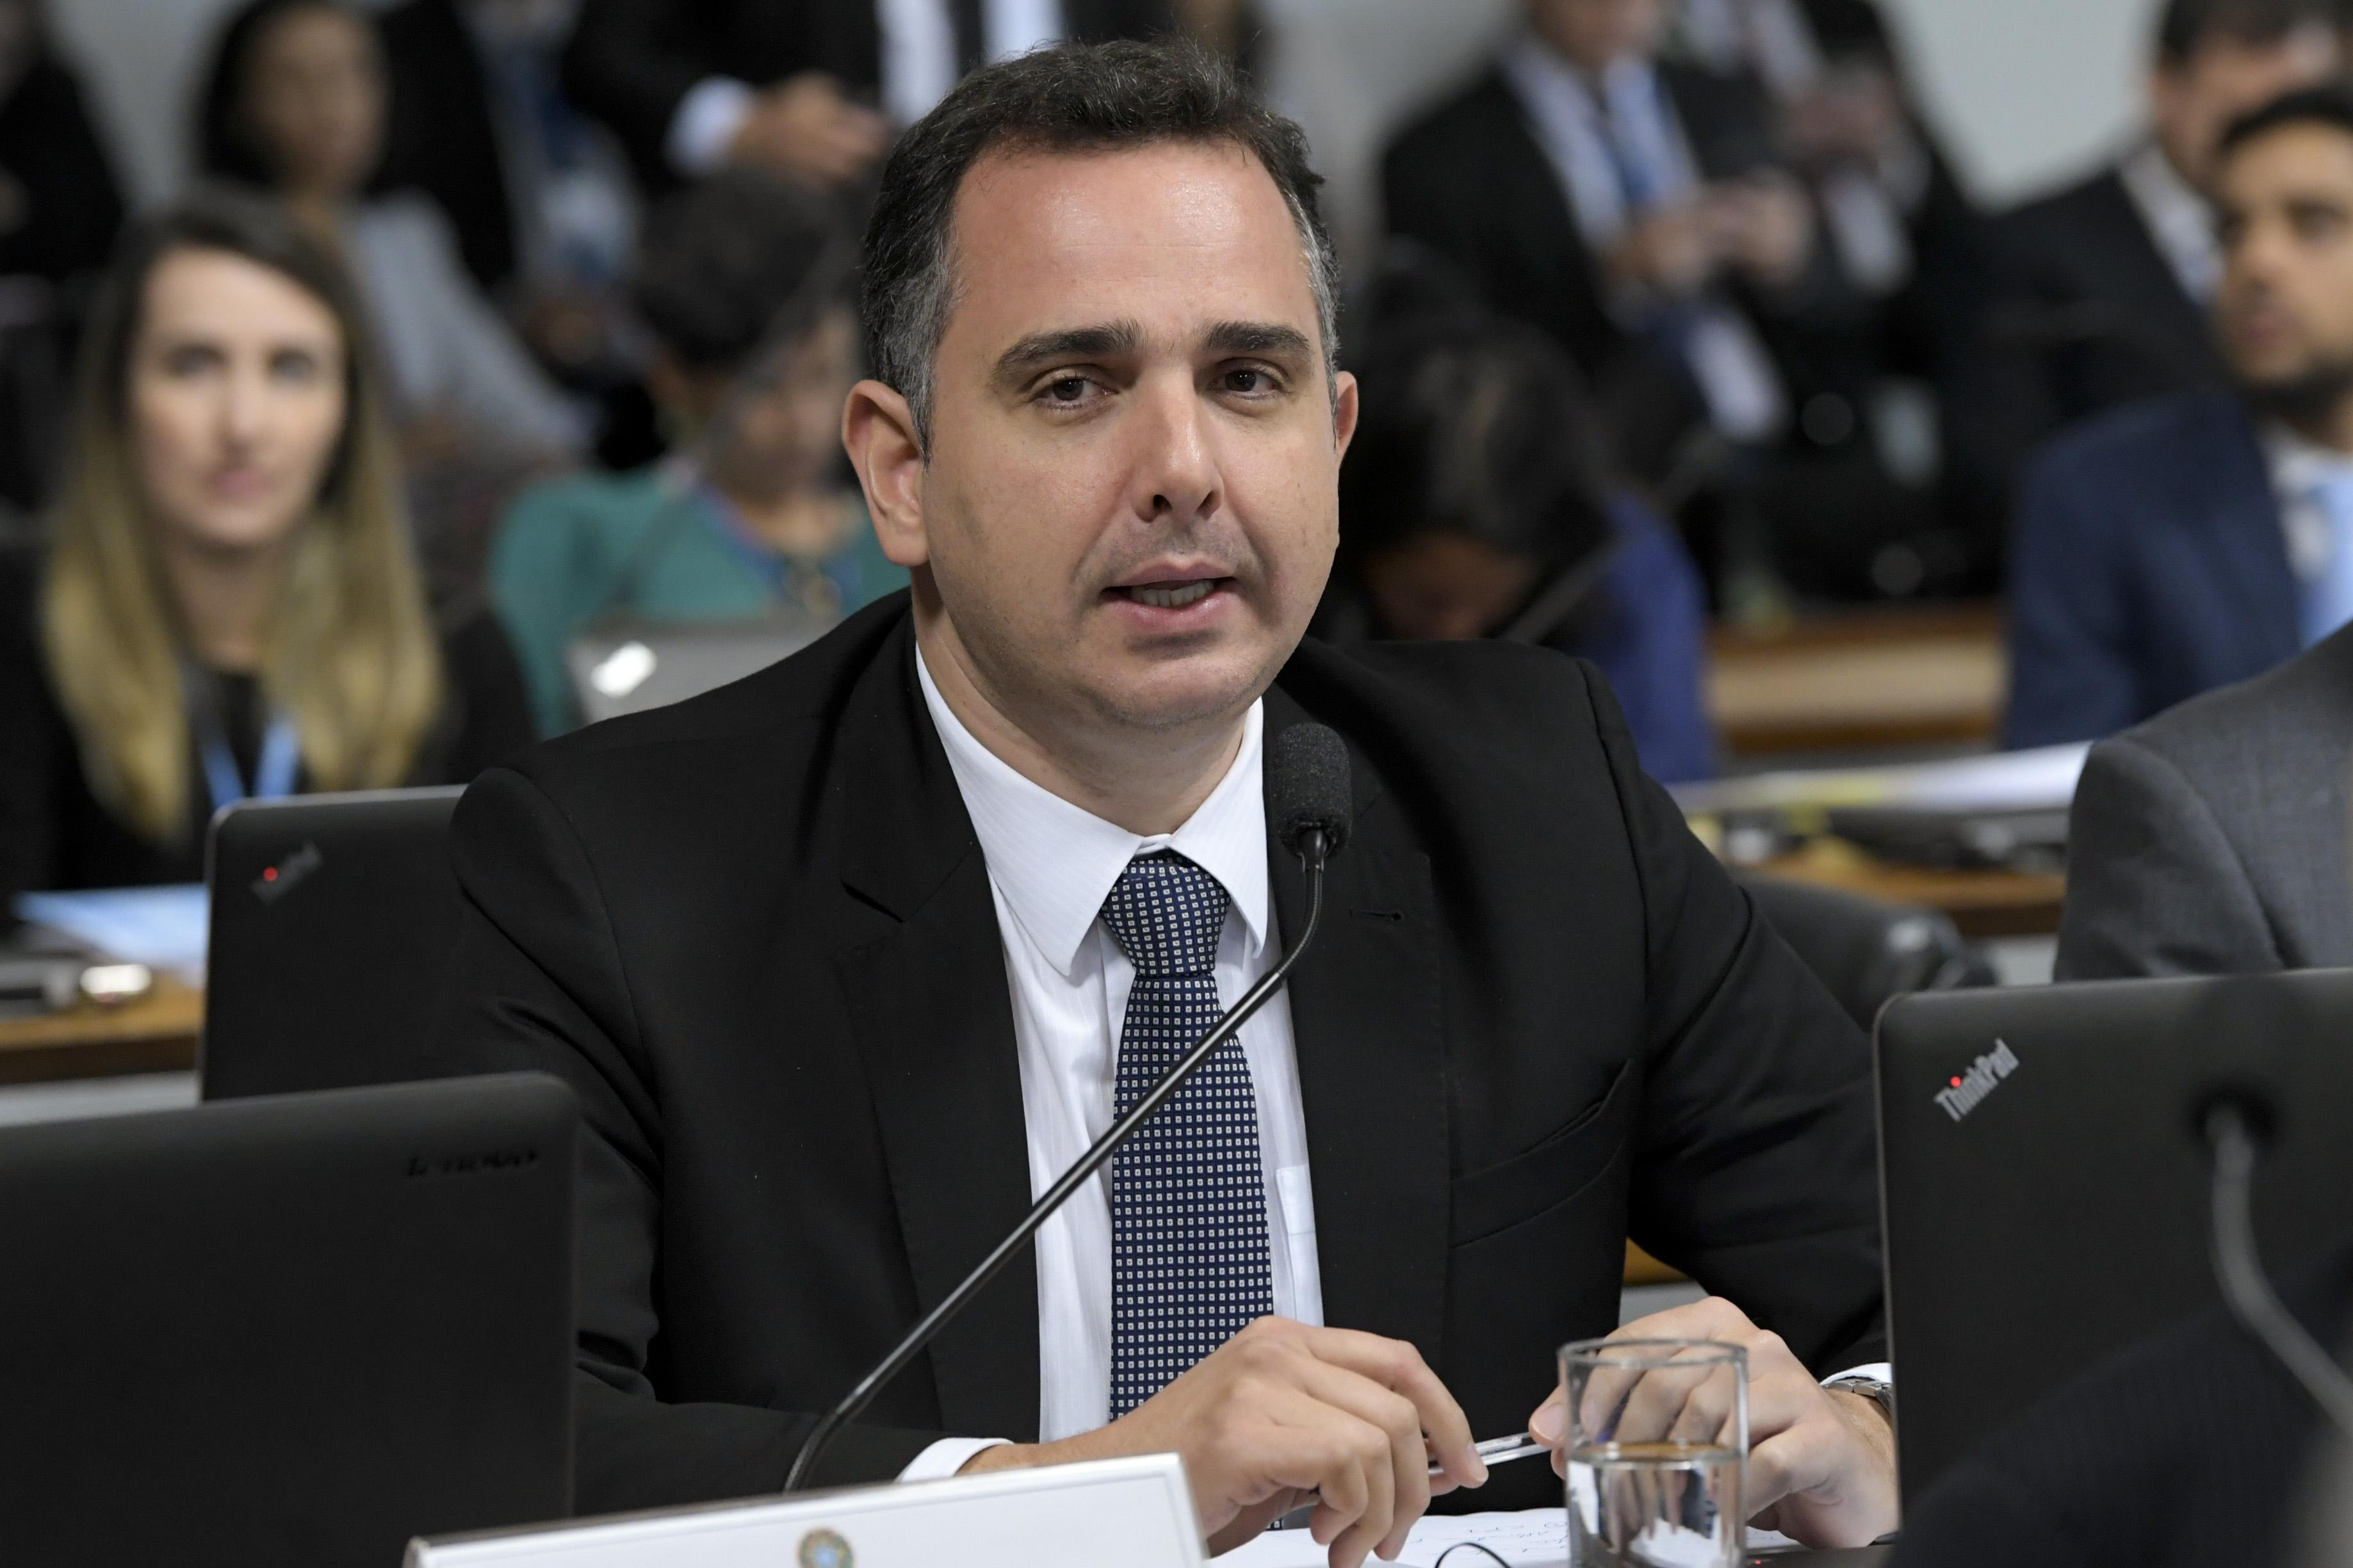 IMAGEM: EXCLUSIVO: senador aliado de Alcolumbre liderou alocação de verba extra do MDR em Minas